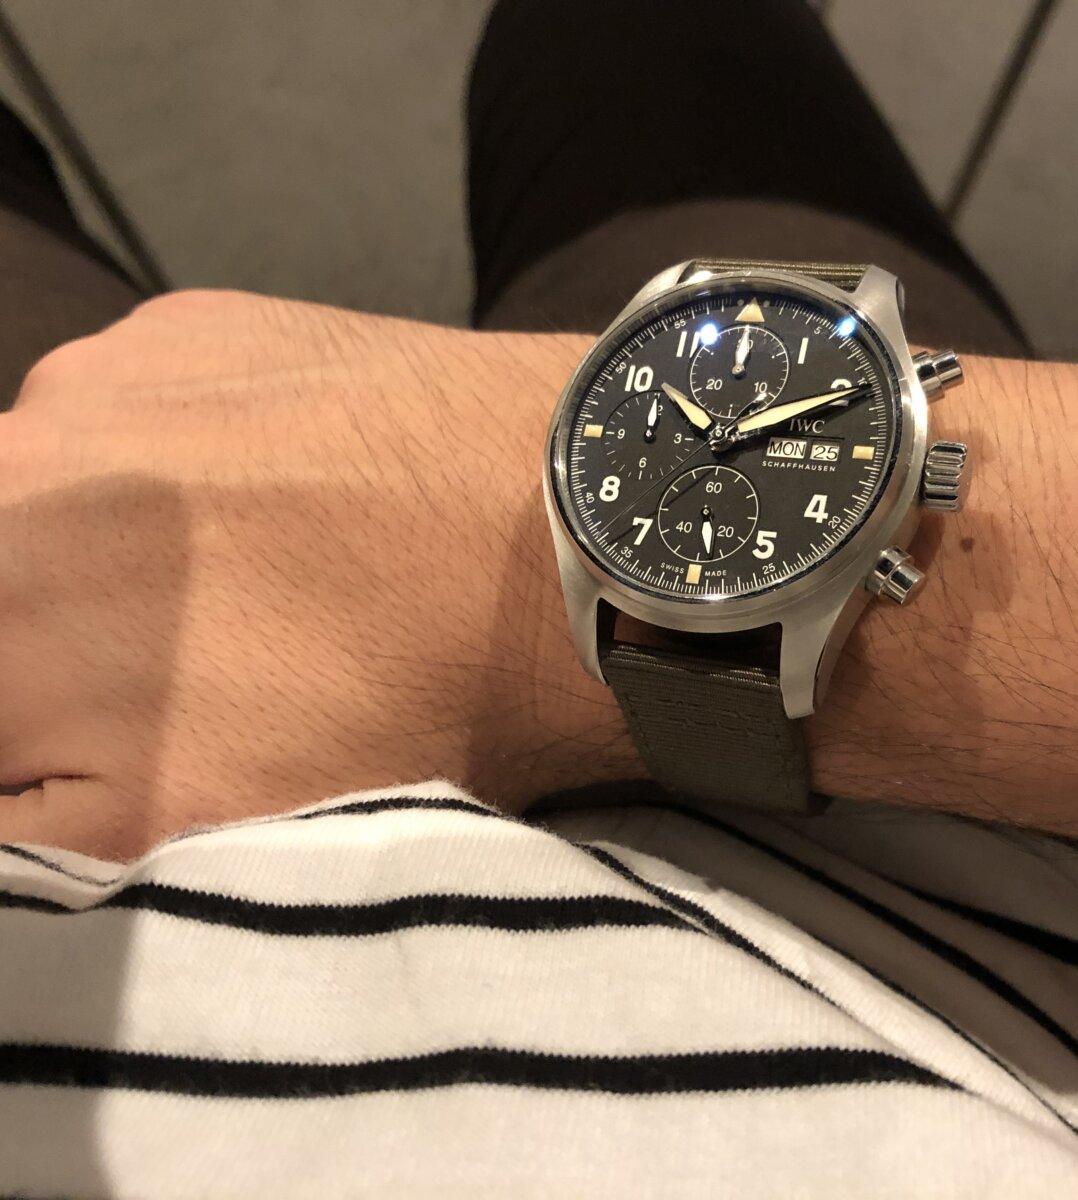 IMG_0470 夏に合う時計って派手なものが鉄板ですか?|関口 優